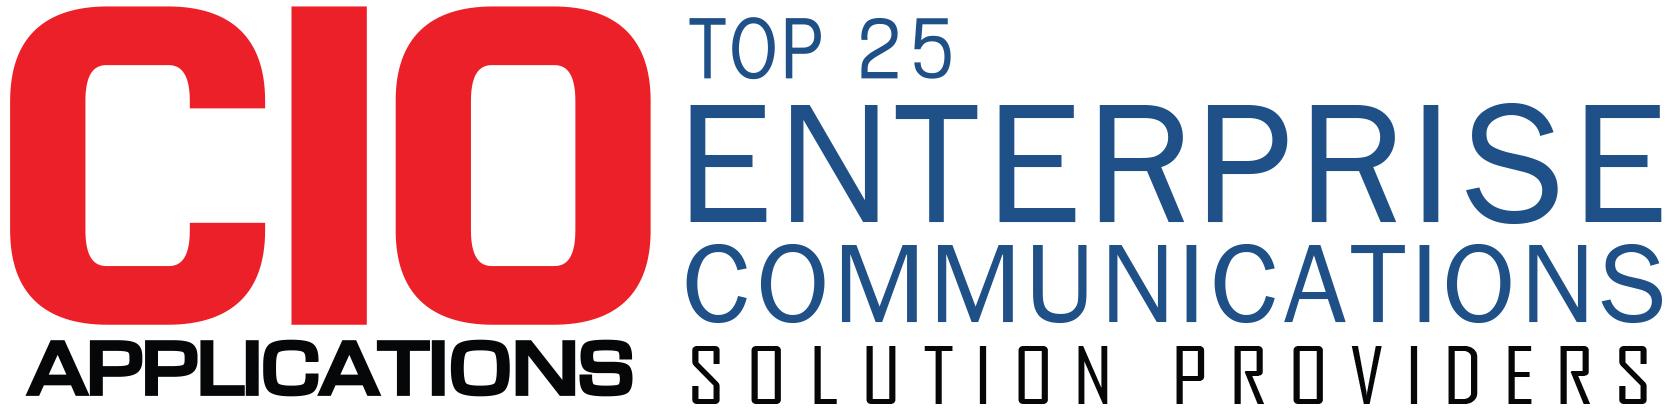 Top Enterprise Communication Tech Companies